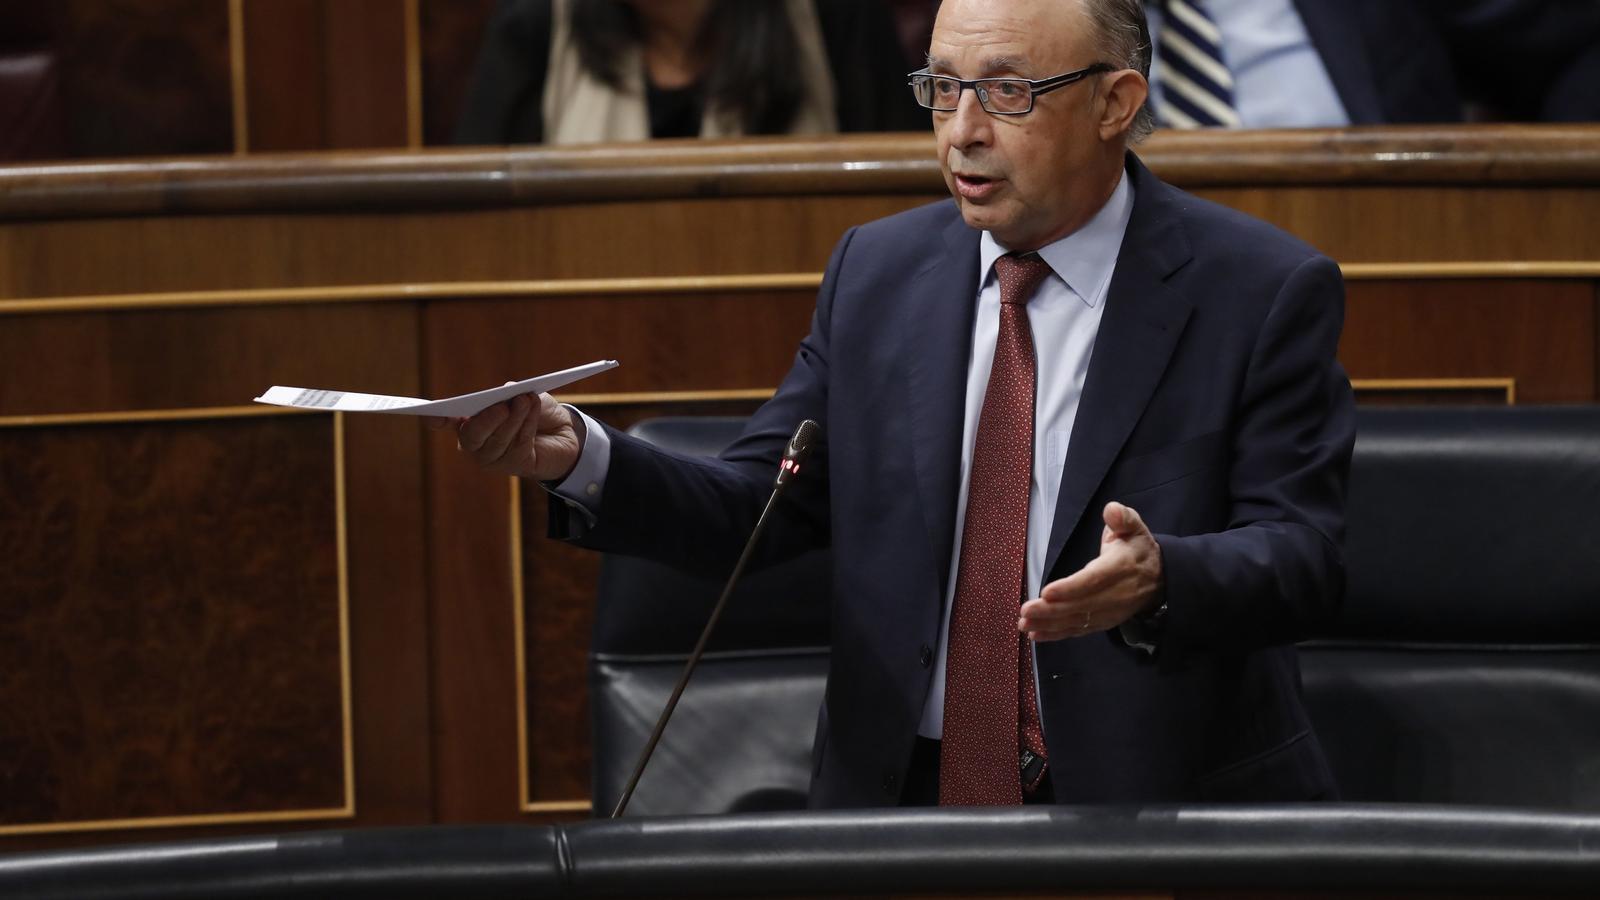 L'Estat congela 100 milions del Govern en un compte al Banc d'Espanya